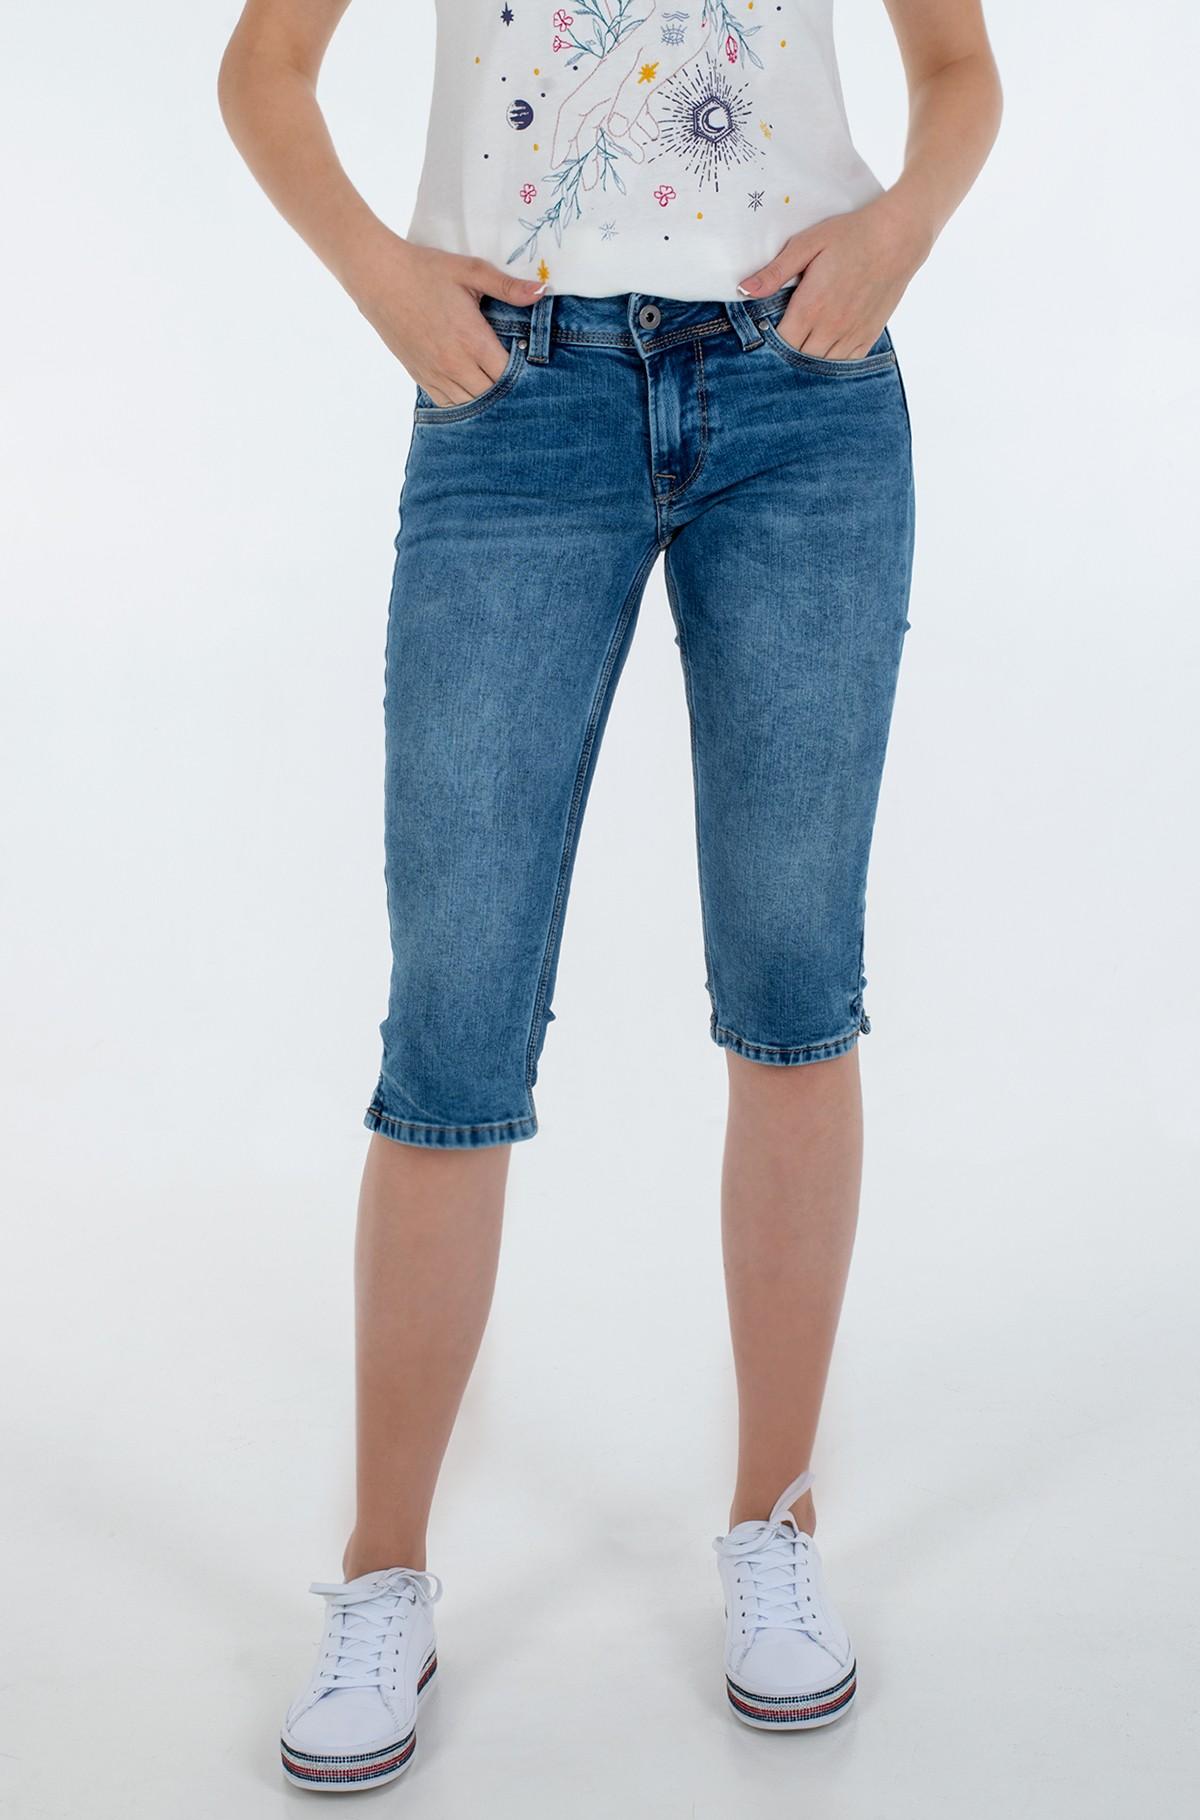 Lühikesed teksapüksid SATURN CROP/PL800652MF5-full-1